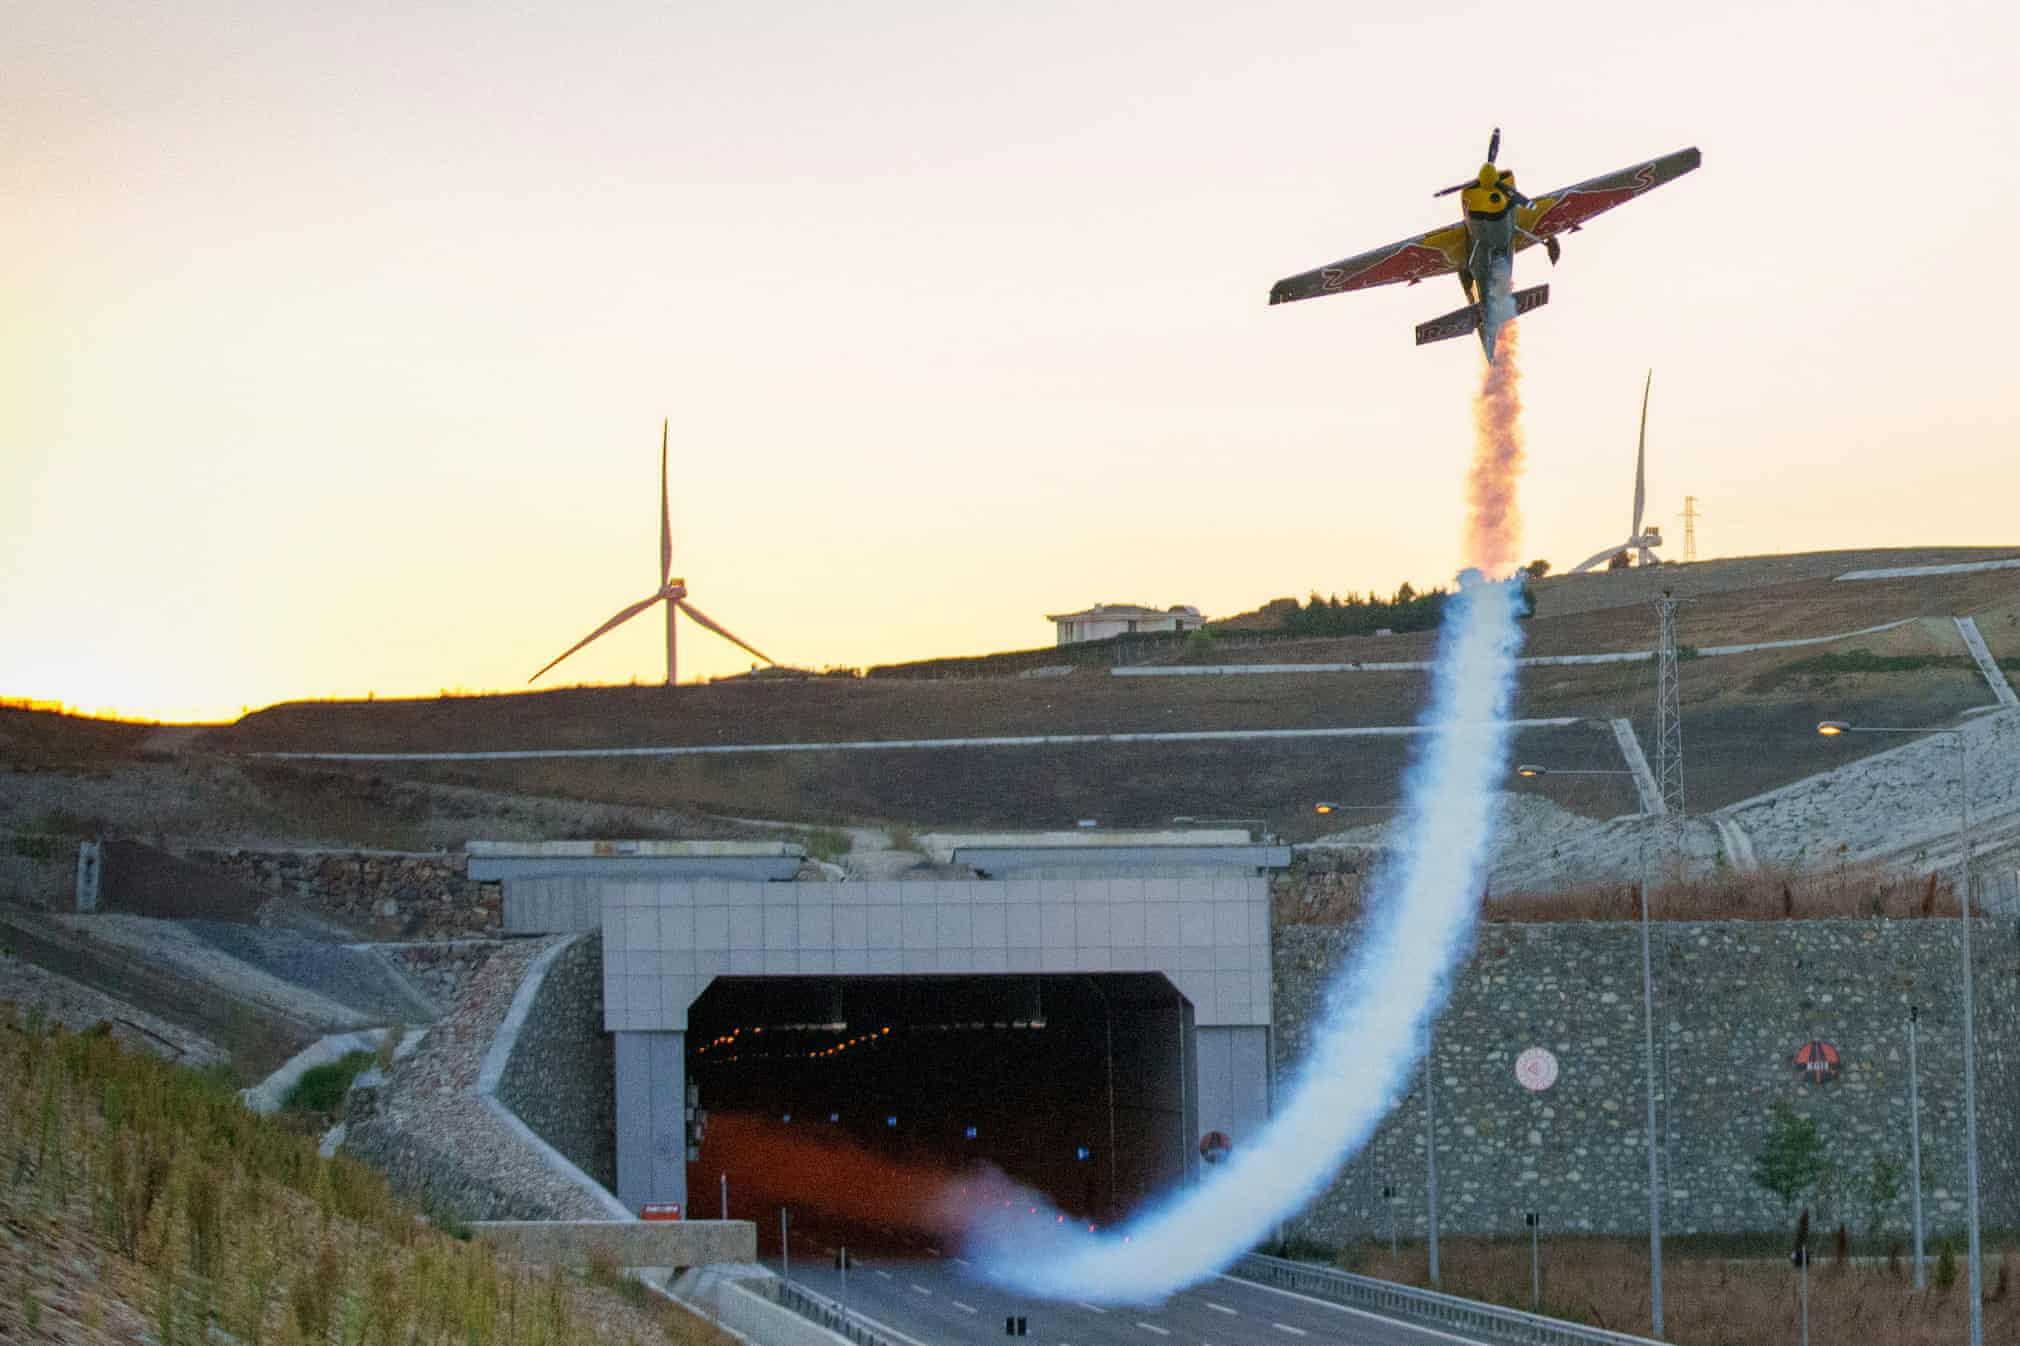 عبور کم نظیر خلبان ایتالیایی از تونل 1600 متری + عکس